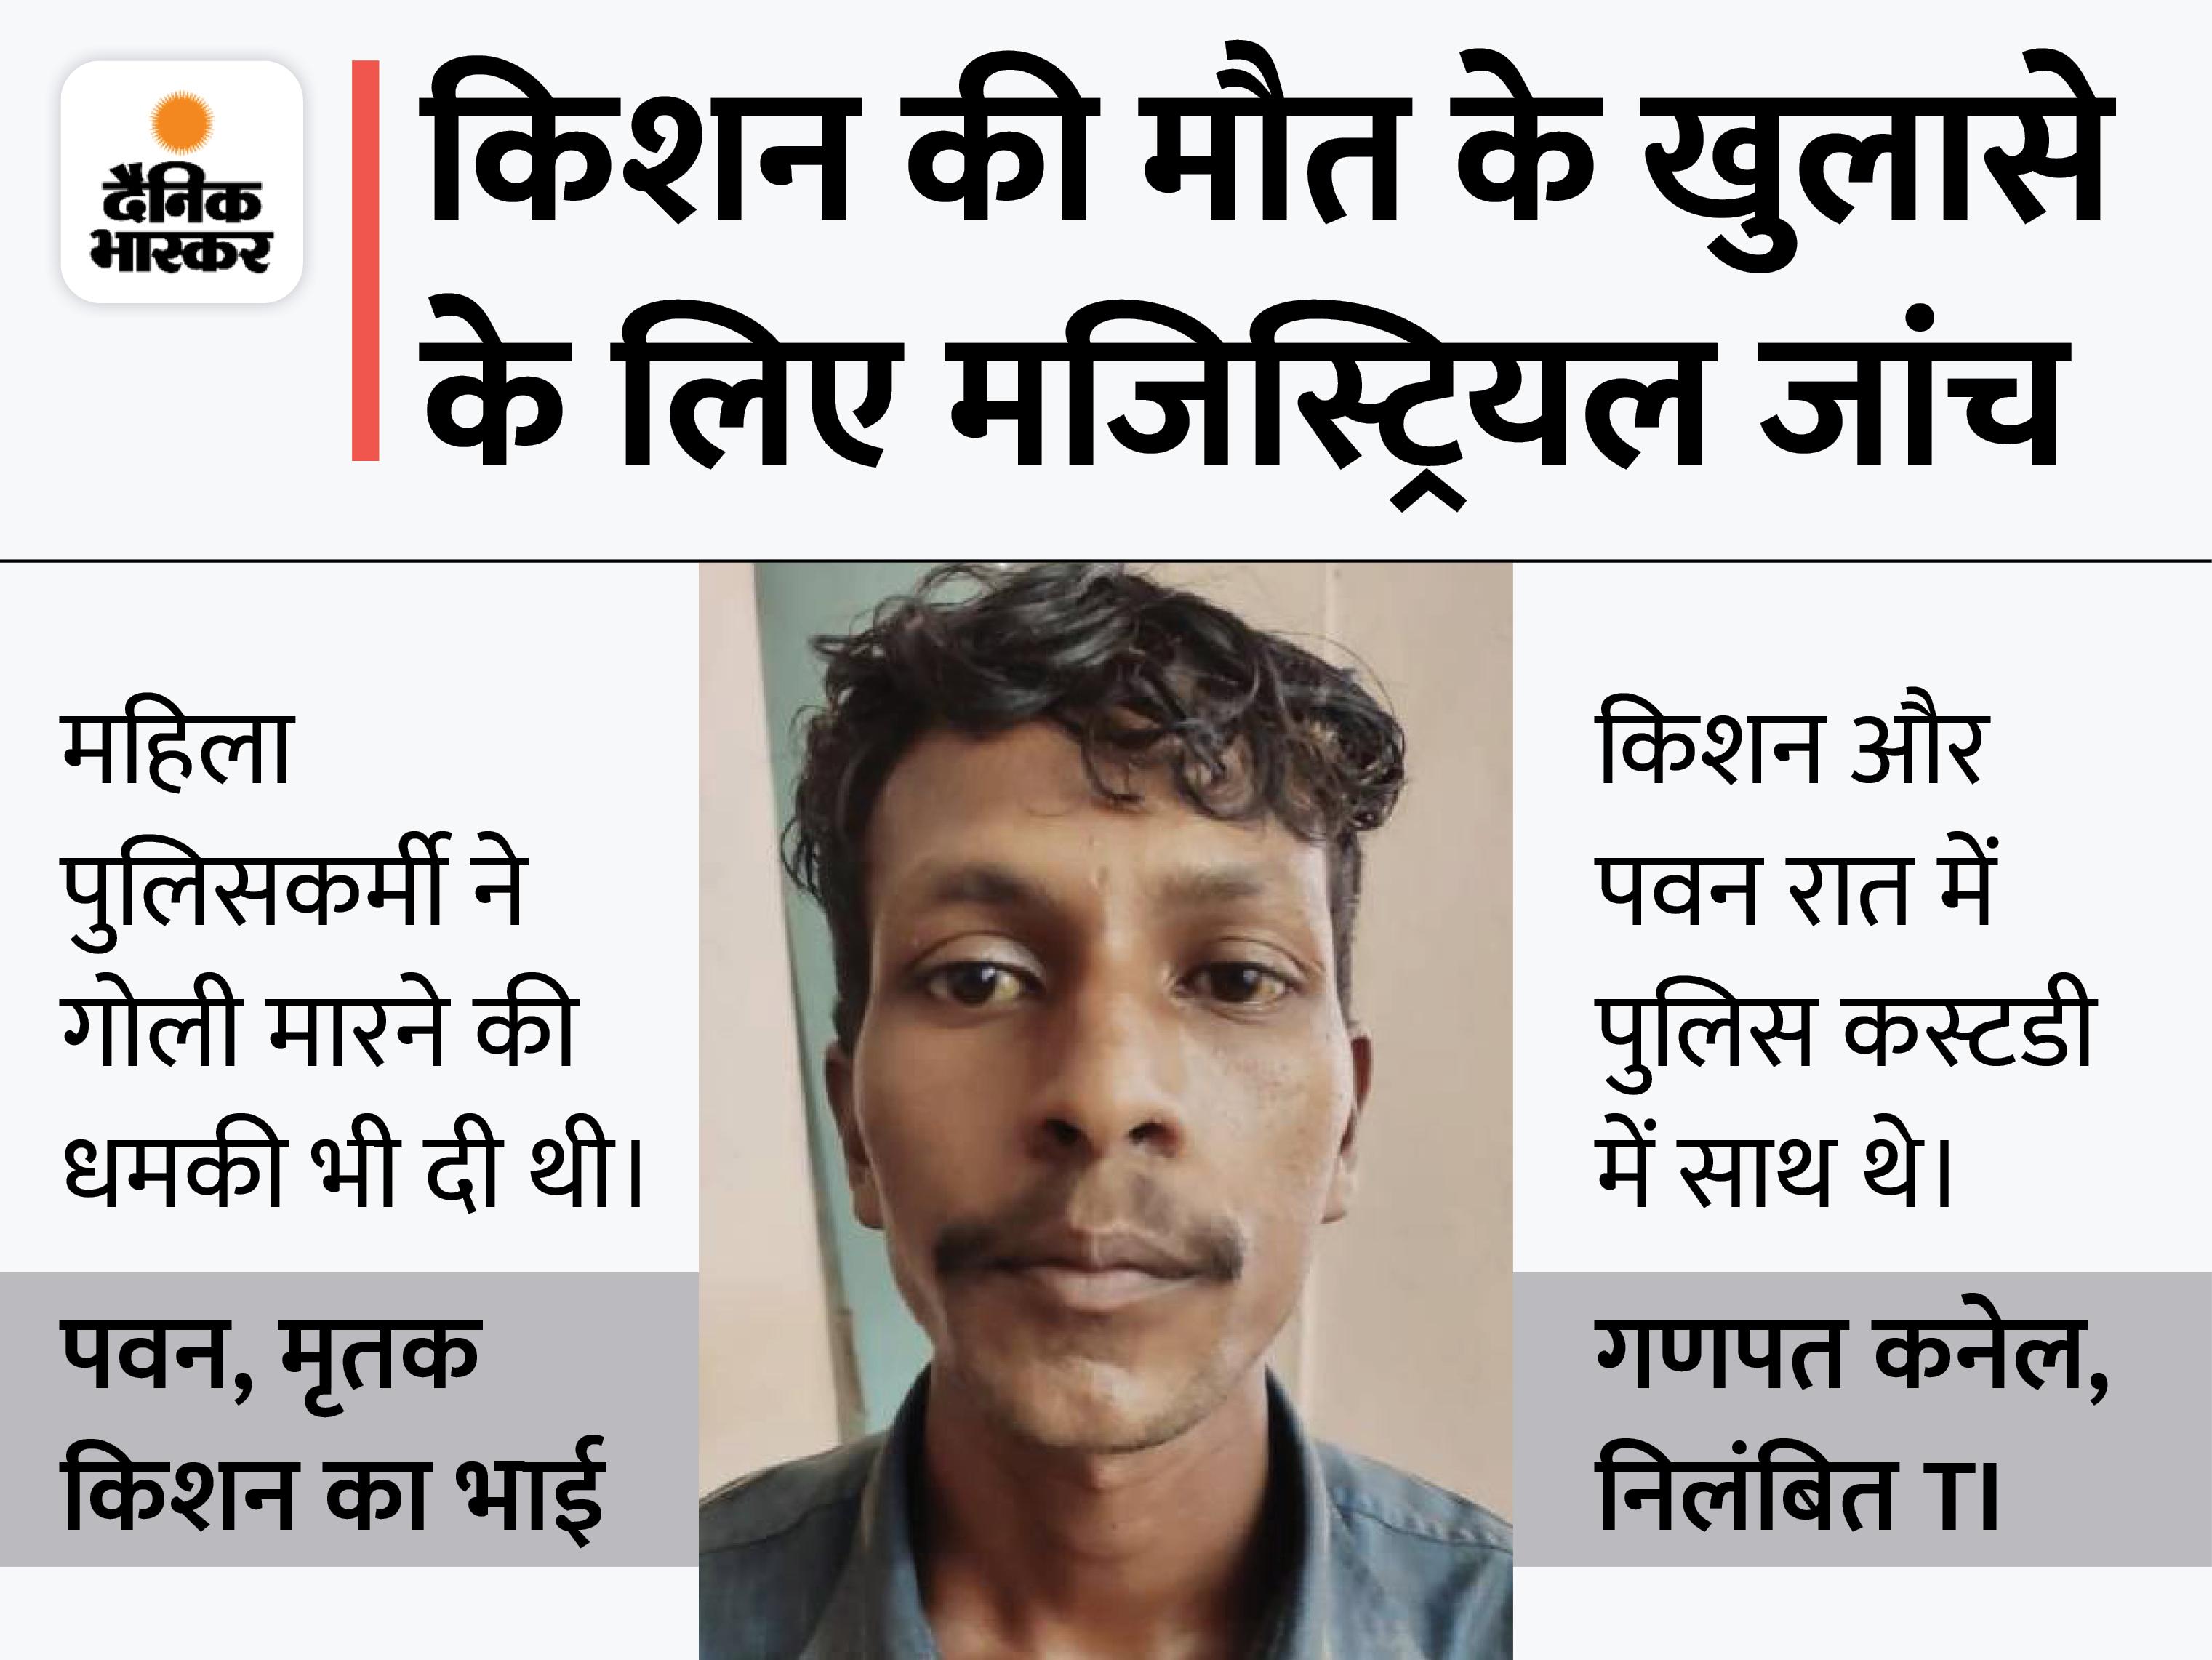 शॉर्ट PM में गला दबाकर हत्या की आशंका; परिजन बोले- 5 दिन पहले उठा ले गई थी पुलिस, पीटकर मारा; पुलिस को भाई पर शक|खंडवा,Khandwa - Dainik Bhaskar